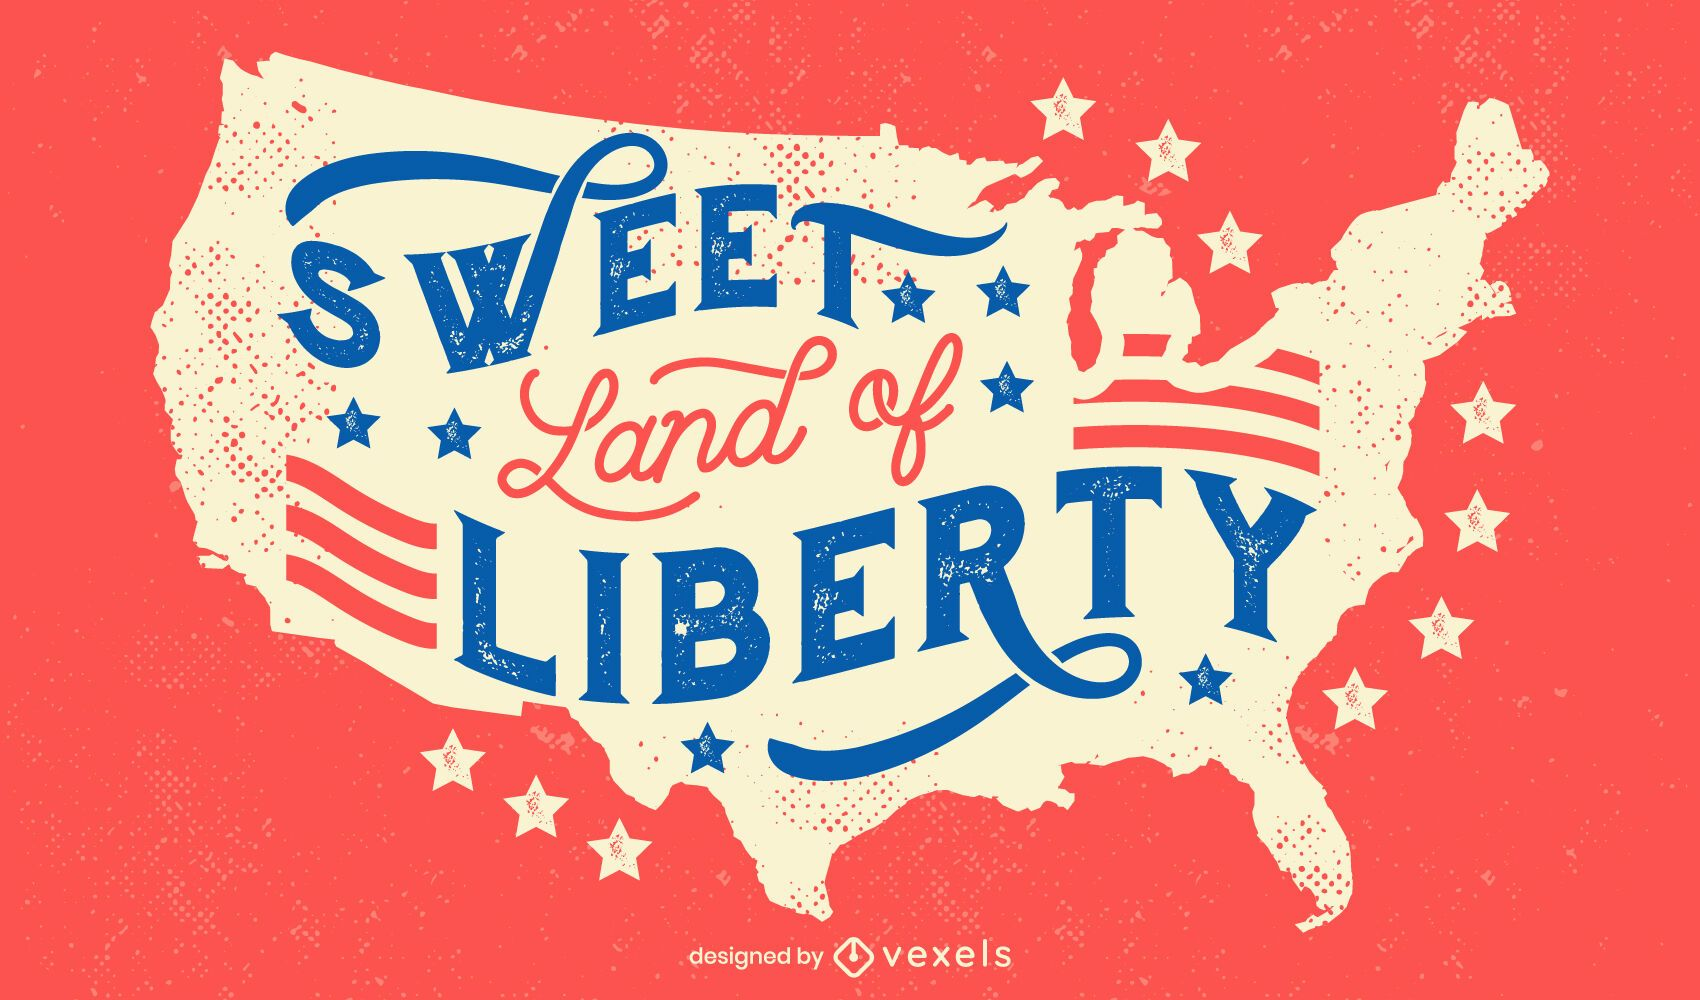 Letras da Terra da Liberdade 4 de julho